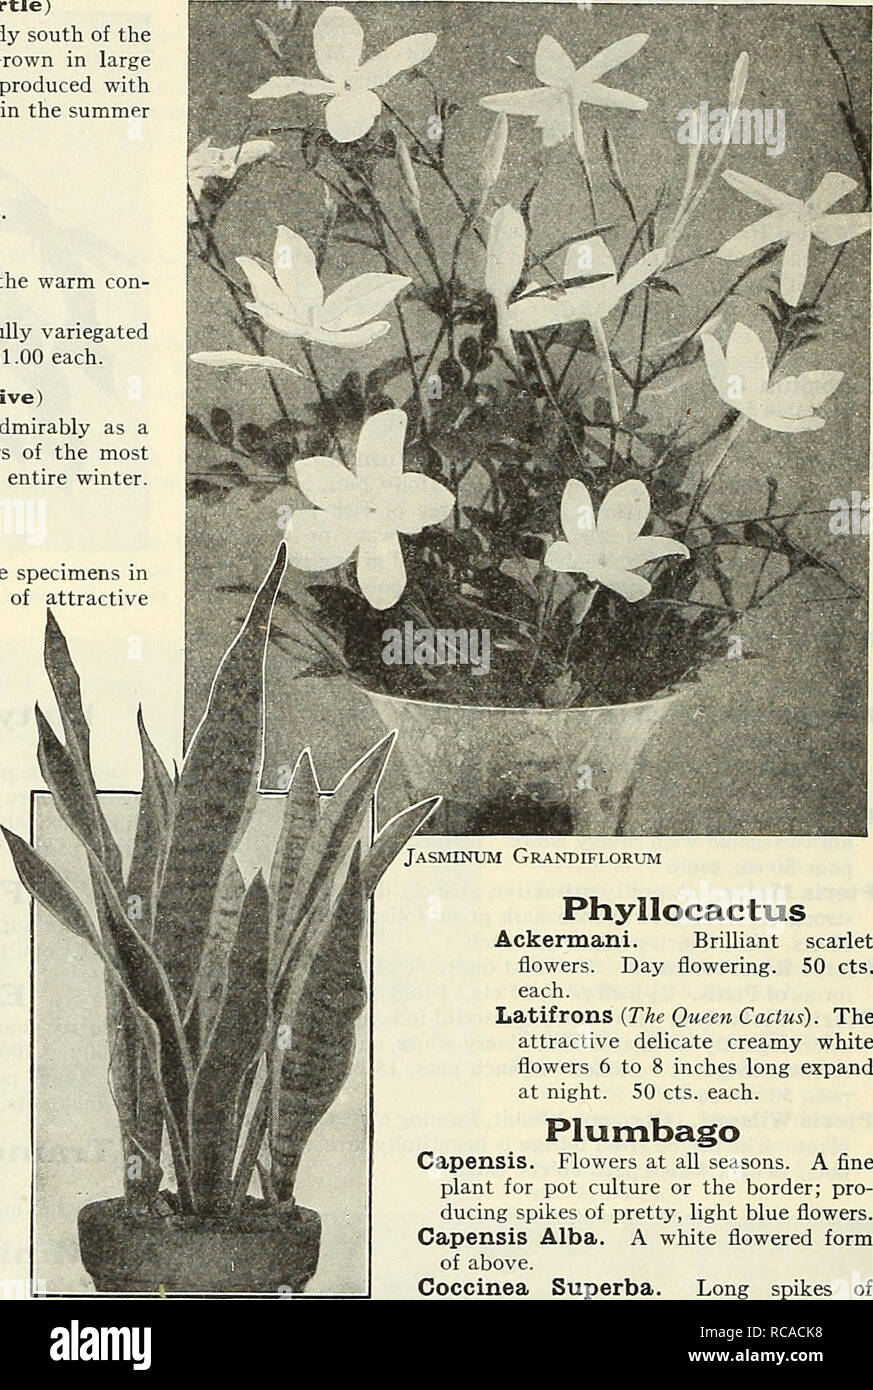 . Dreer ist Herbst Katalog 1930. Die Glühbirnen (Pflanzen) Kataloge; Blumen Samen Kataloge; Gartengeräte und Zubehör Kataloge; Baumschulen (Gartenbau) Kataloge; Gemüse Samen Kataloge. 24/Hl^ Alli. Garten * GEWÄCHSHAUS PIANTA> HILMlEIiPMl   Lagerstroemia (Crape Myrtle) Dies ist eines der schönsten Sträucher, und während Hardy südlich des Potomac, erfordert der Schutz in diesem Breitengrad. In großen Töpfen oder Kübeln gewachsen, Proben 6 bis 8 Fuß hoch kann mit wenig Schwierigkeiten hergestellt werden, und die für zwei oder drei Monate im Sommer mit Blumen bedeckt werden. Indica. Zart rosa. - Alba. Ein whi Stockbild